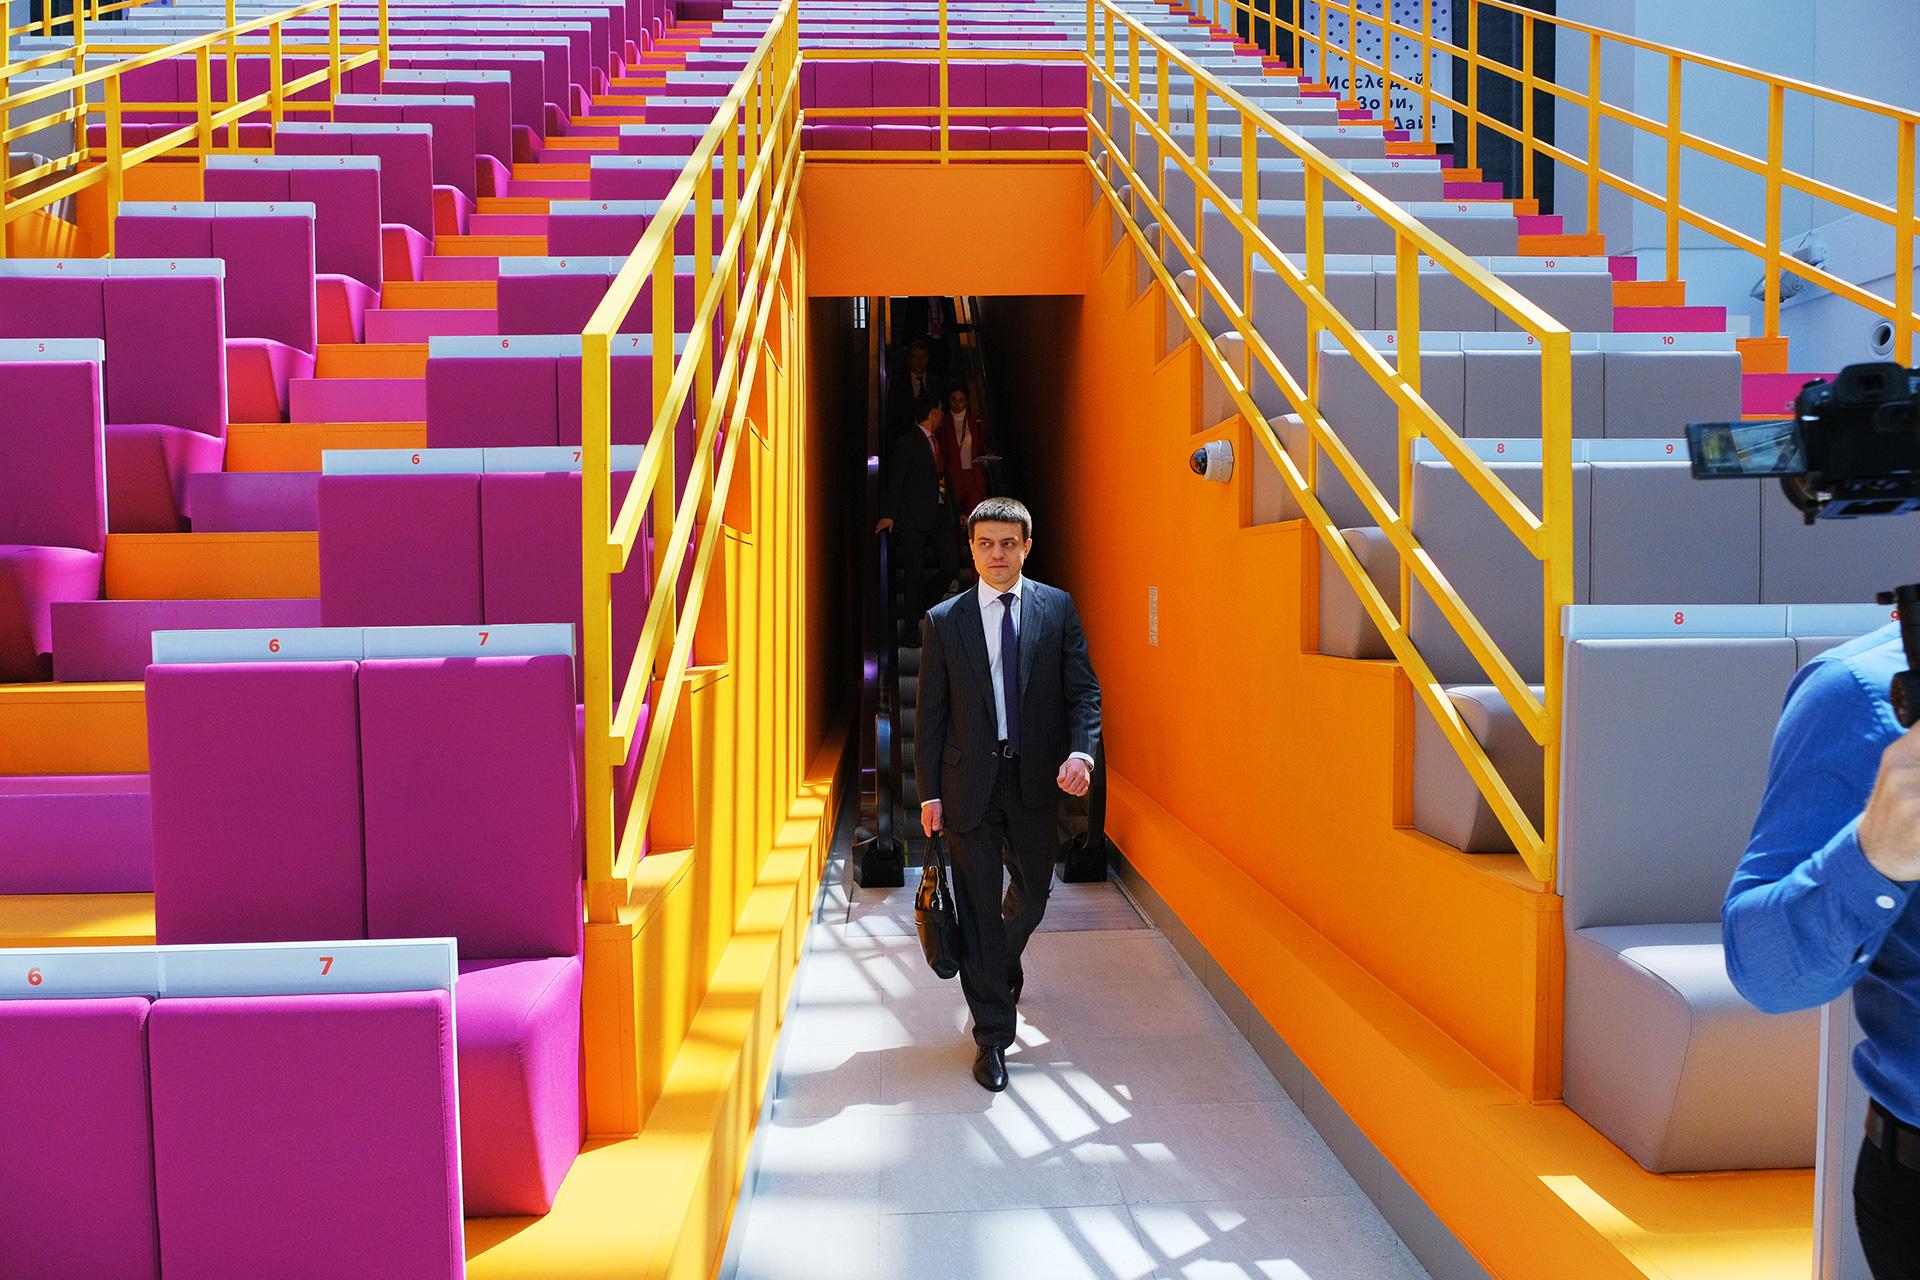 Асгард Брендинг, фирменный стиль, трибуны, Наука будущего, центр сириус, конференция, дизайн, средовой дизайн